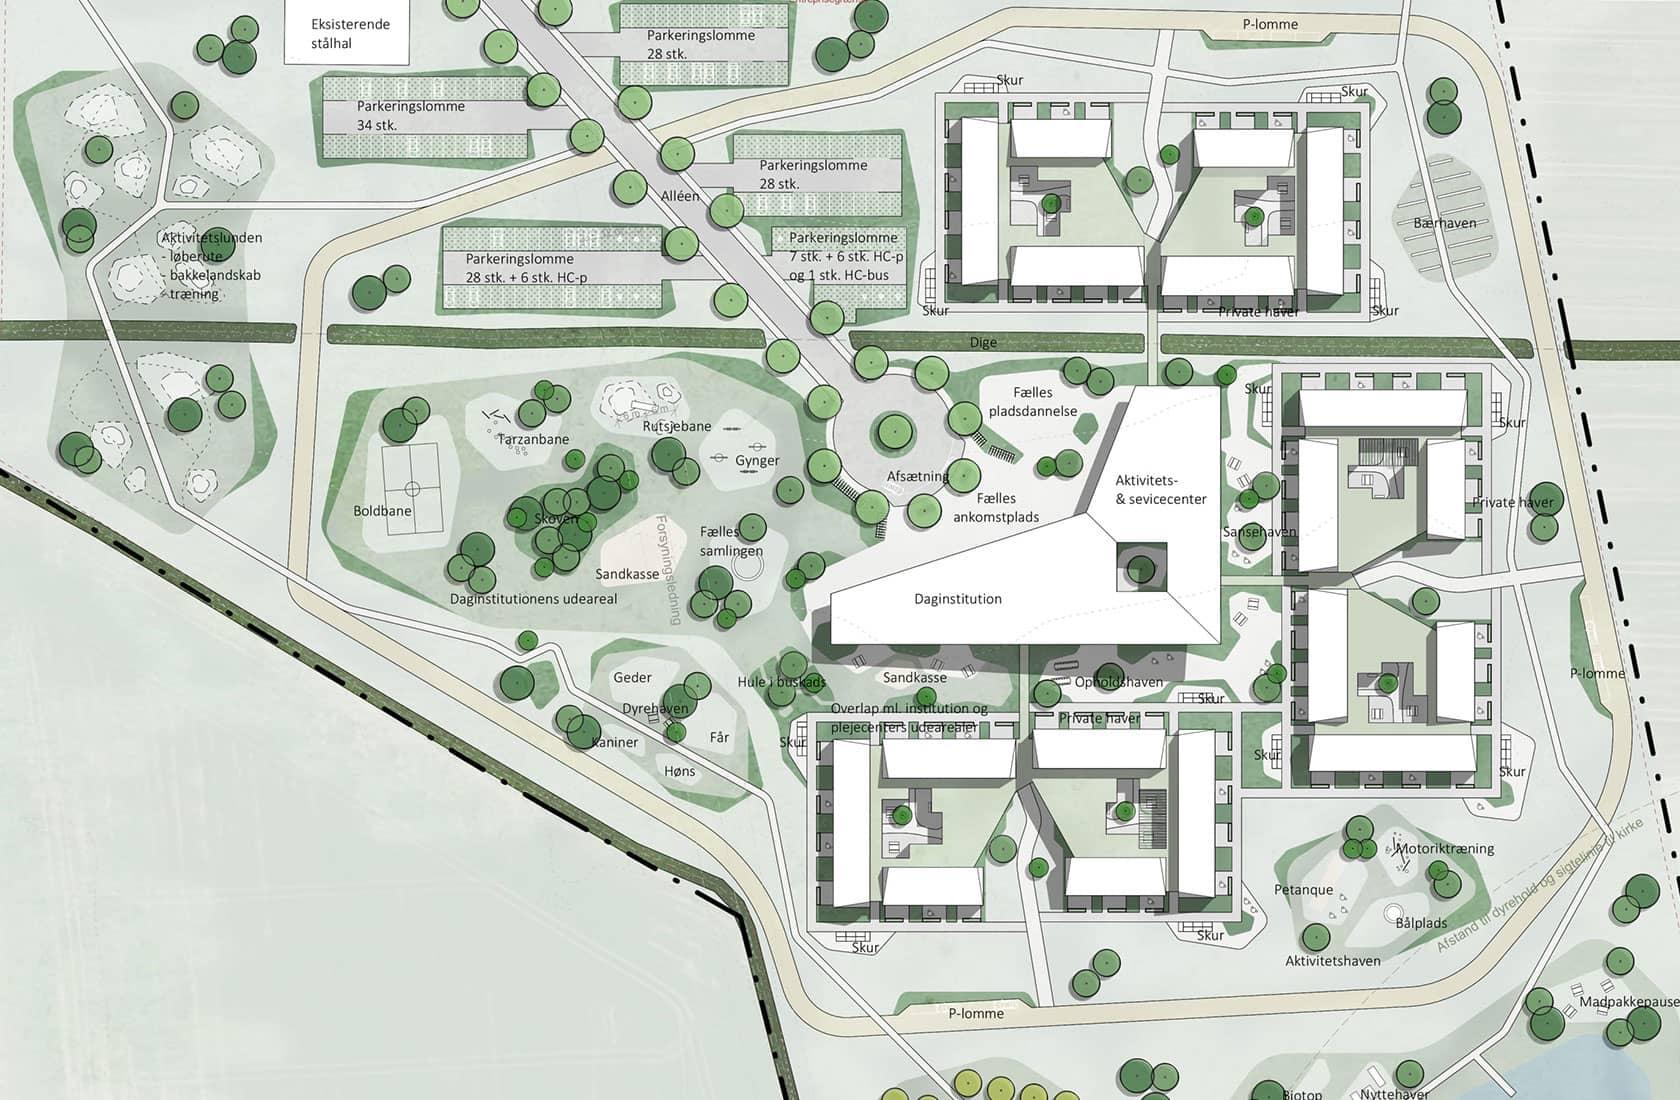 Landskabsplan for Gauerslund Fællesinstitution